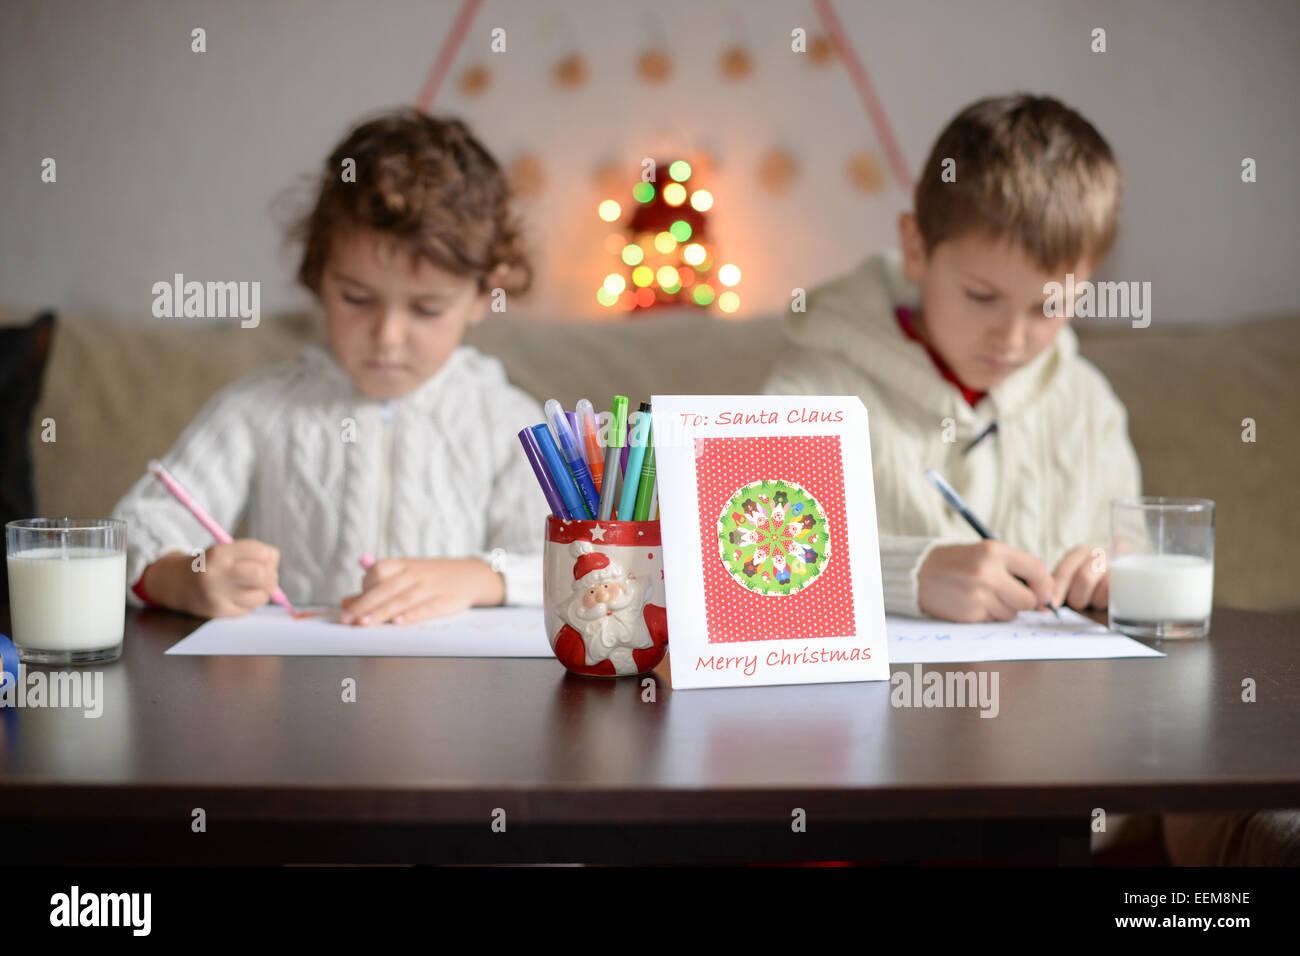 Hermano y hermana (6-7) (4-5) escribir carta a Santa Claus Imagen De Stock